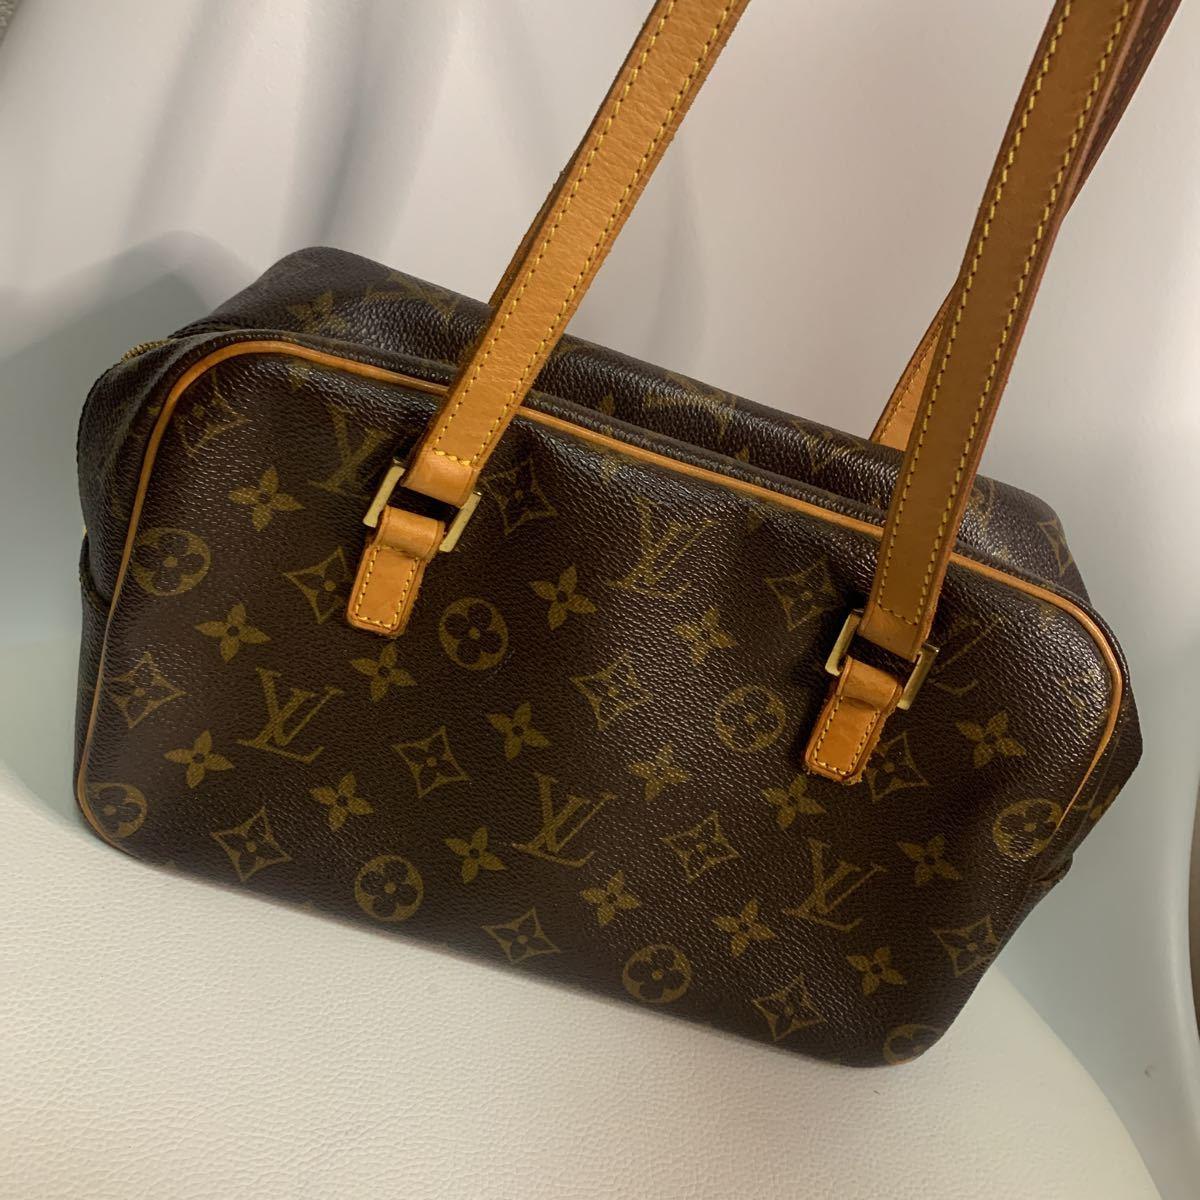 極美品ルイ・ヴィトン Louis Vuitton シテ MM 肩掛け ショルダーバッグ モノグラム ブラウン M51182 レディース FL0052